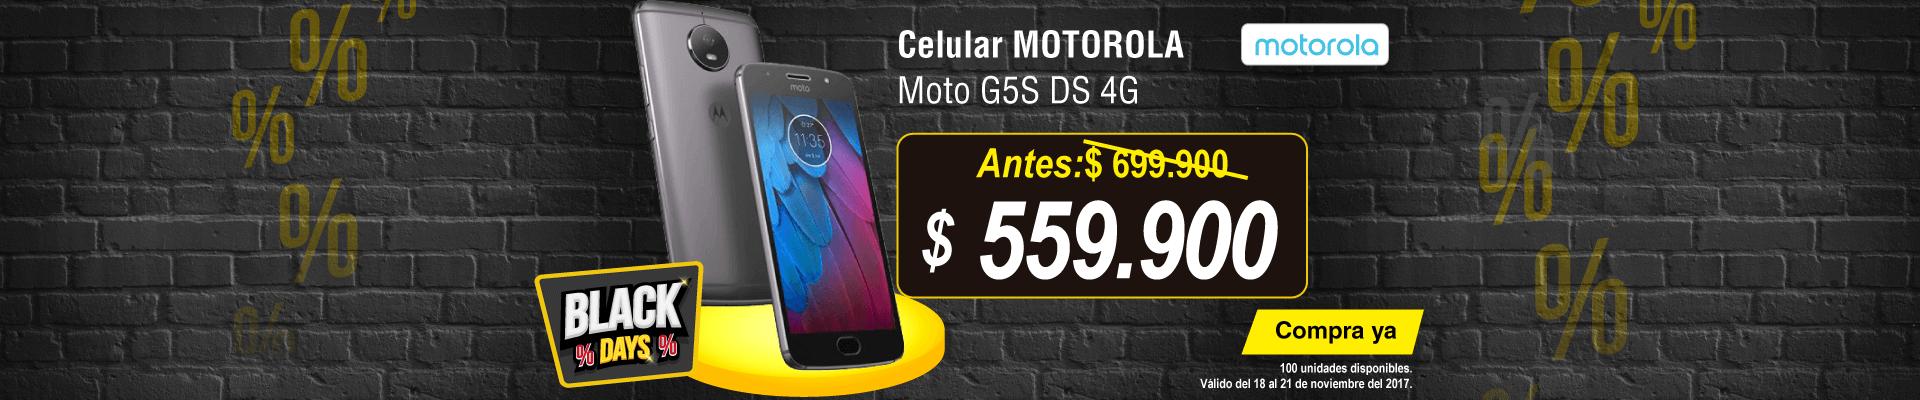 PPAL ALKP-2-celulares-Celular Libre MOTOROLA Moto G5S DS-prod-noviembre18-21-MARCAS